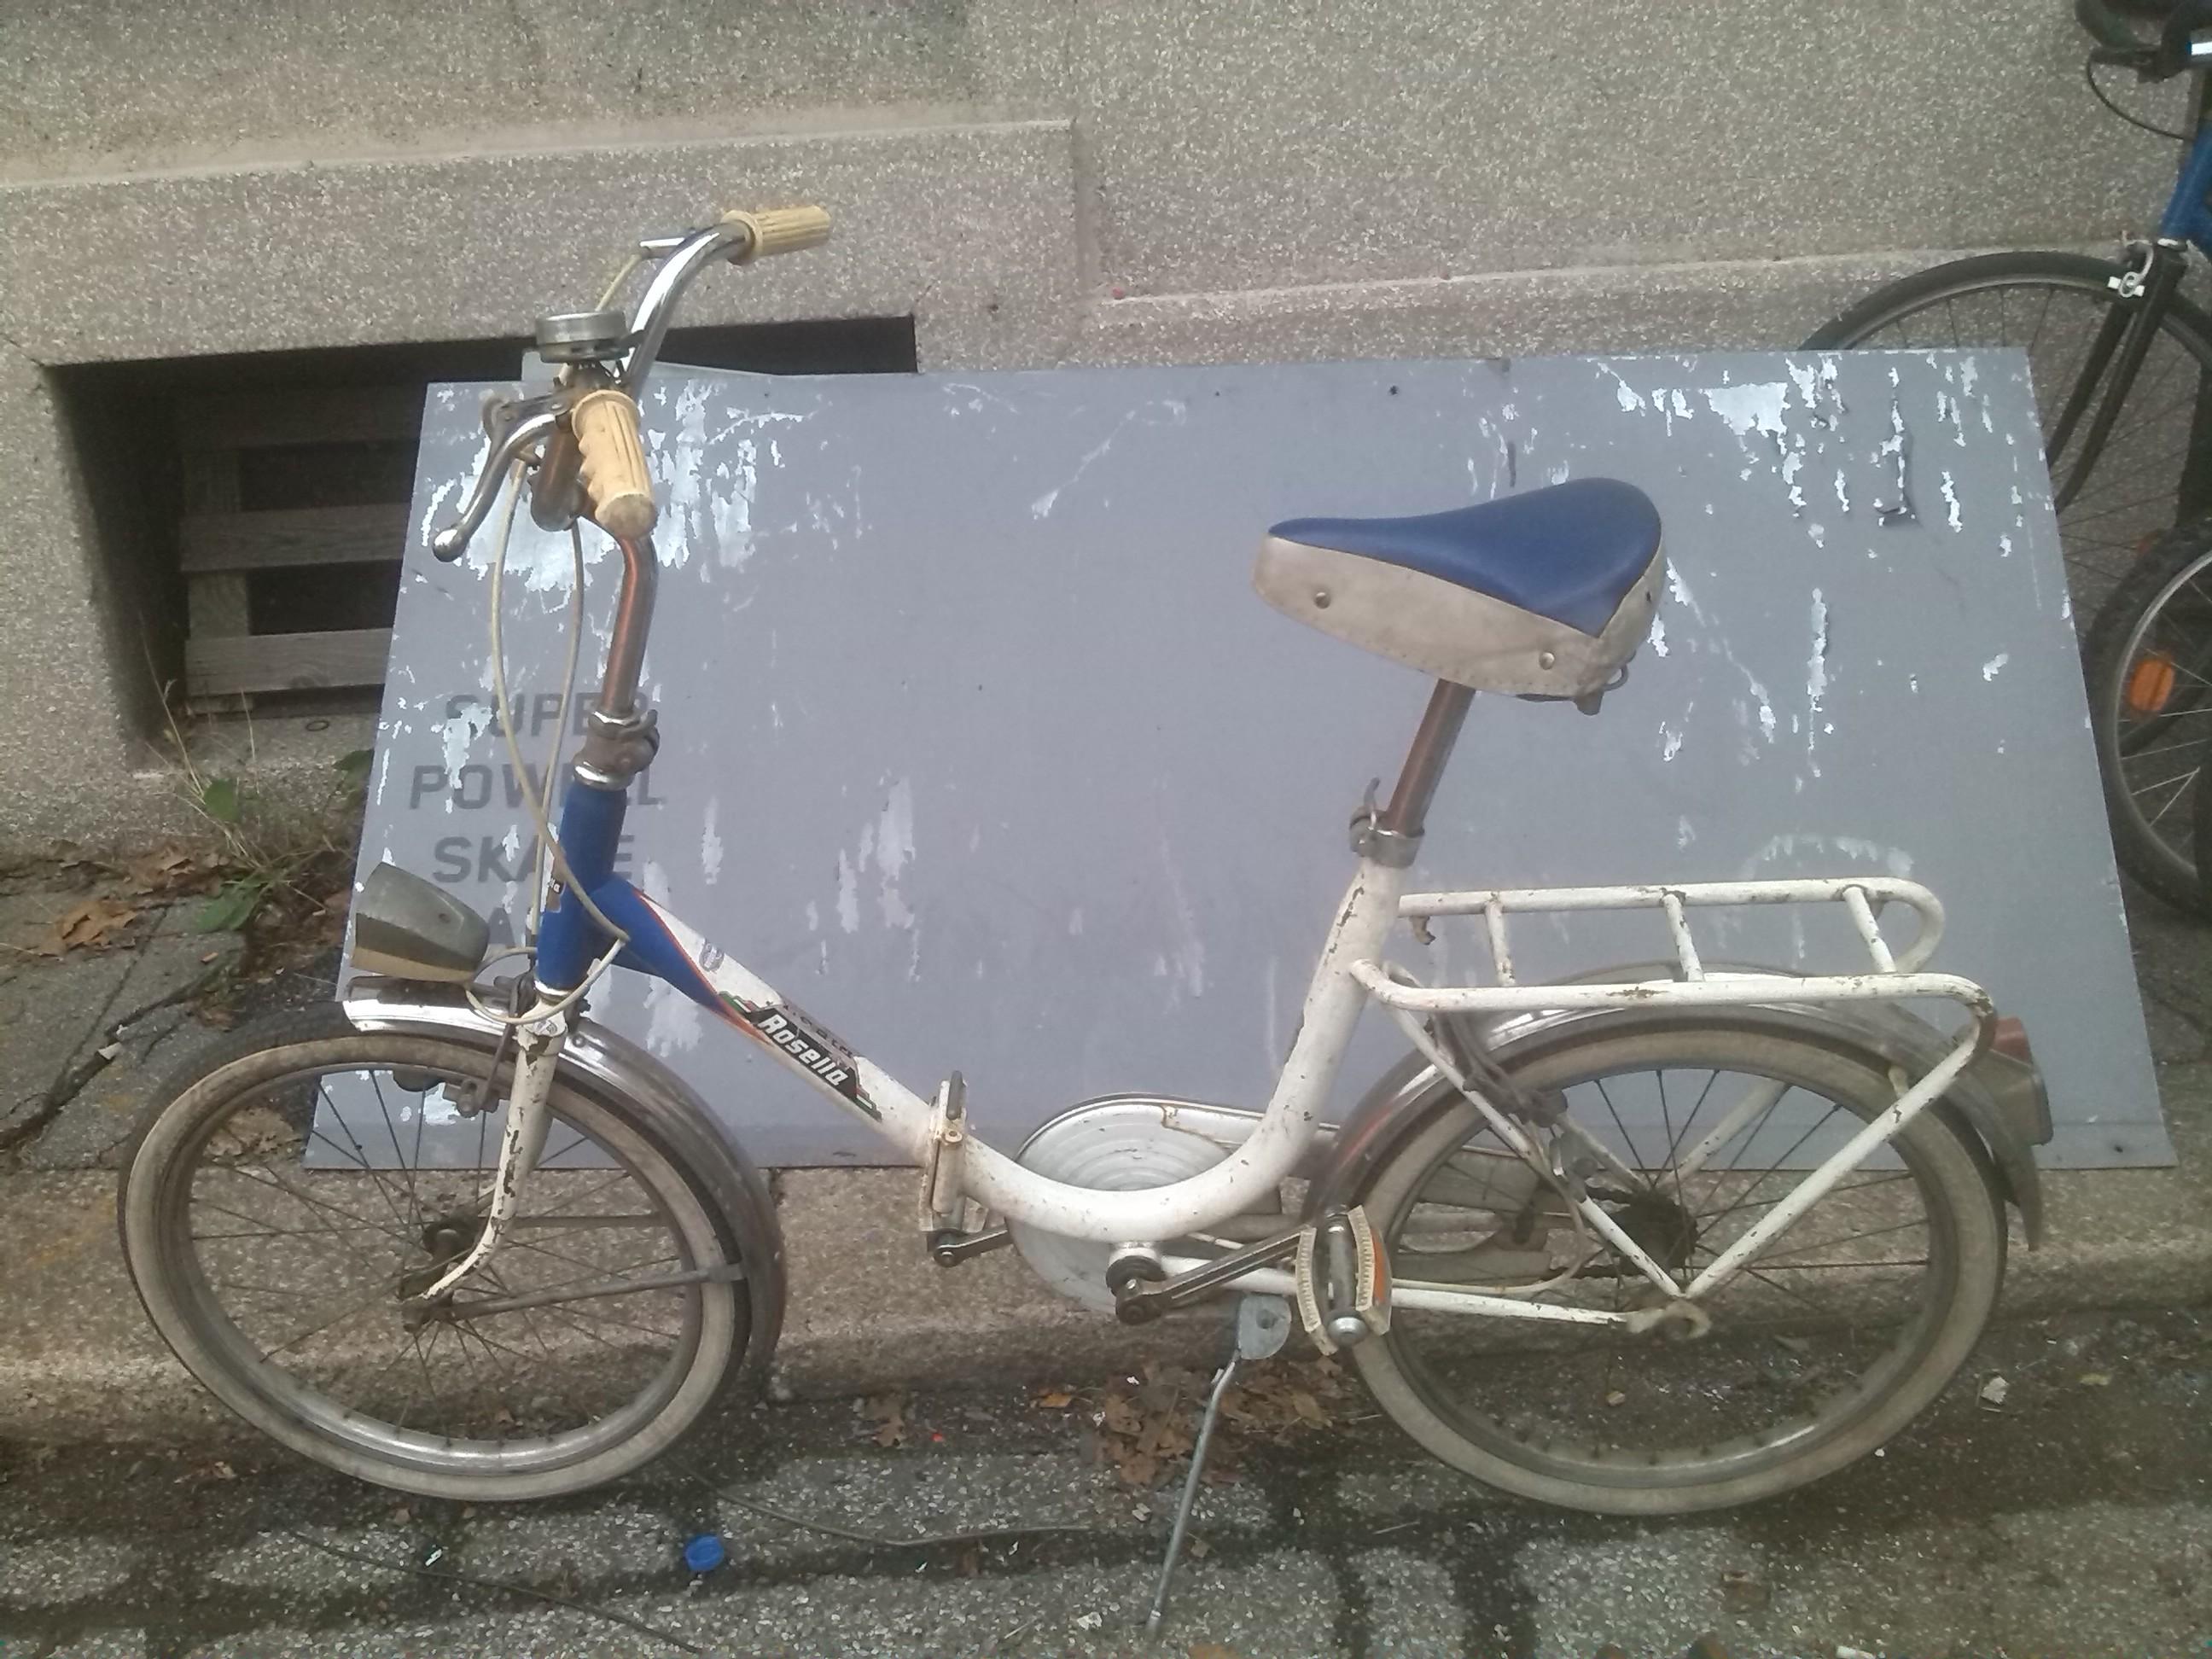 Bici Fucine Vulcano @ Garage Market # 3 by PopCorn Blogazine